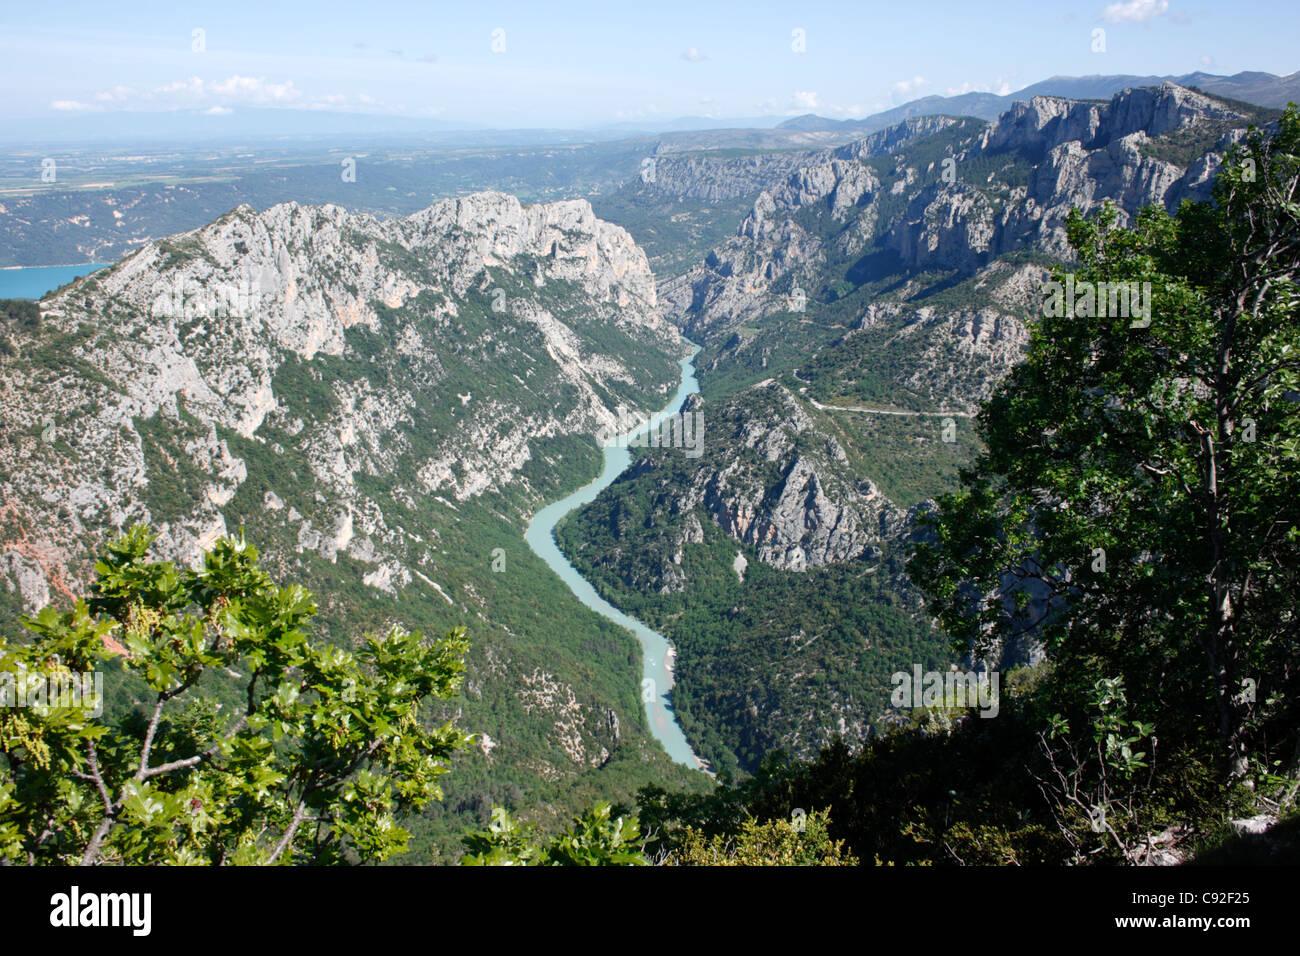 Die Verdon-Schlucht ist ein schöner Fluss-Schlucht, die ein beliebtes Touristenziel ist. Stockbild